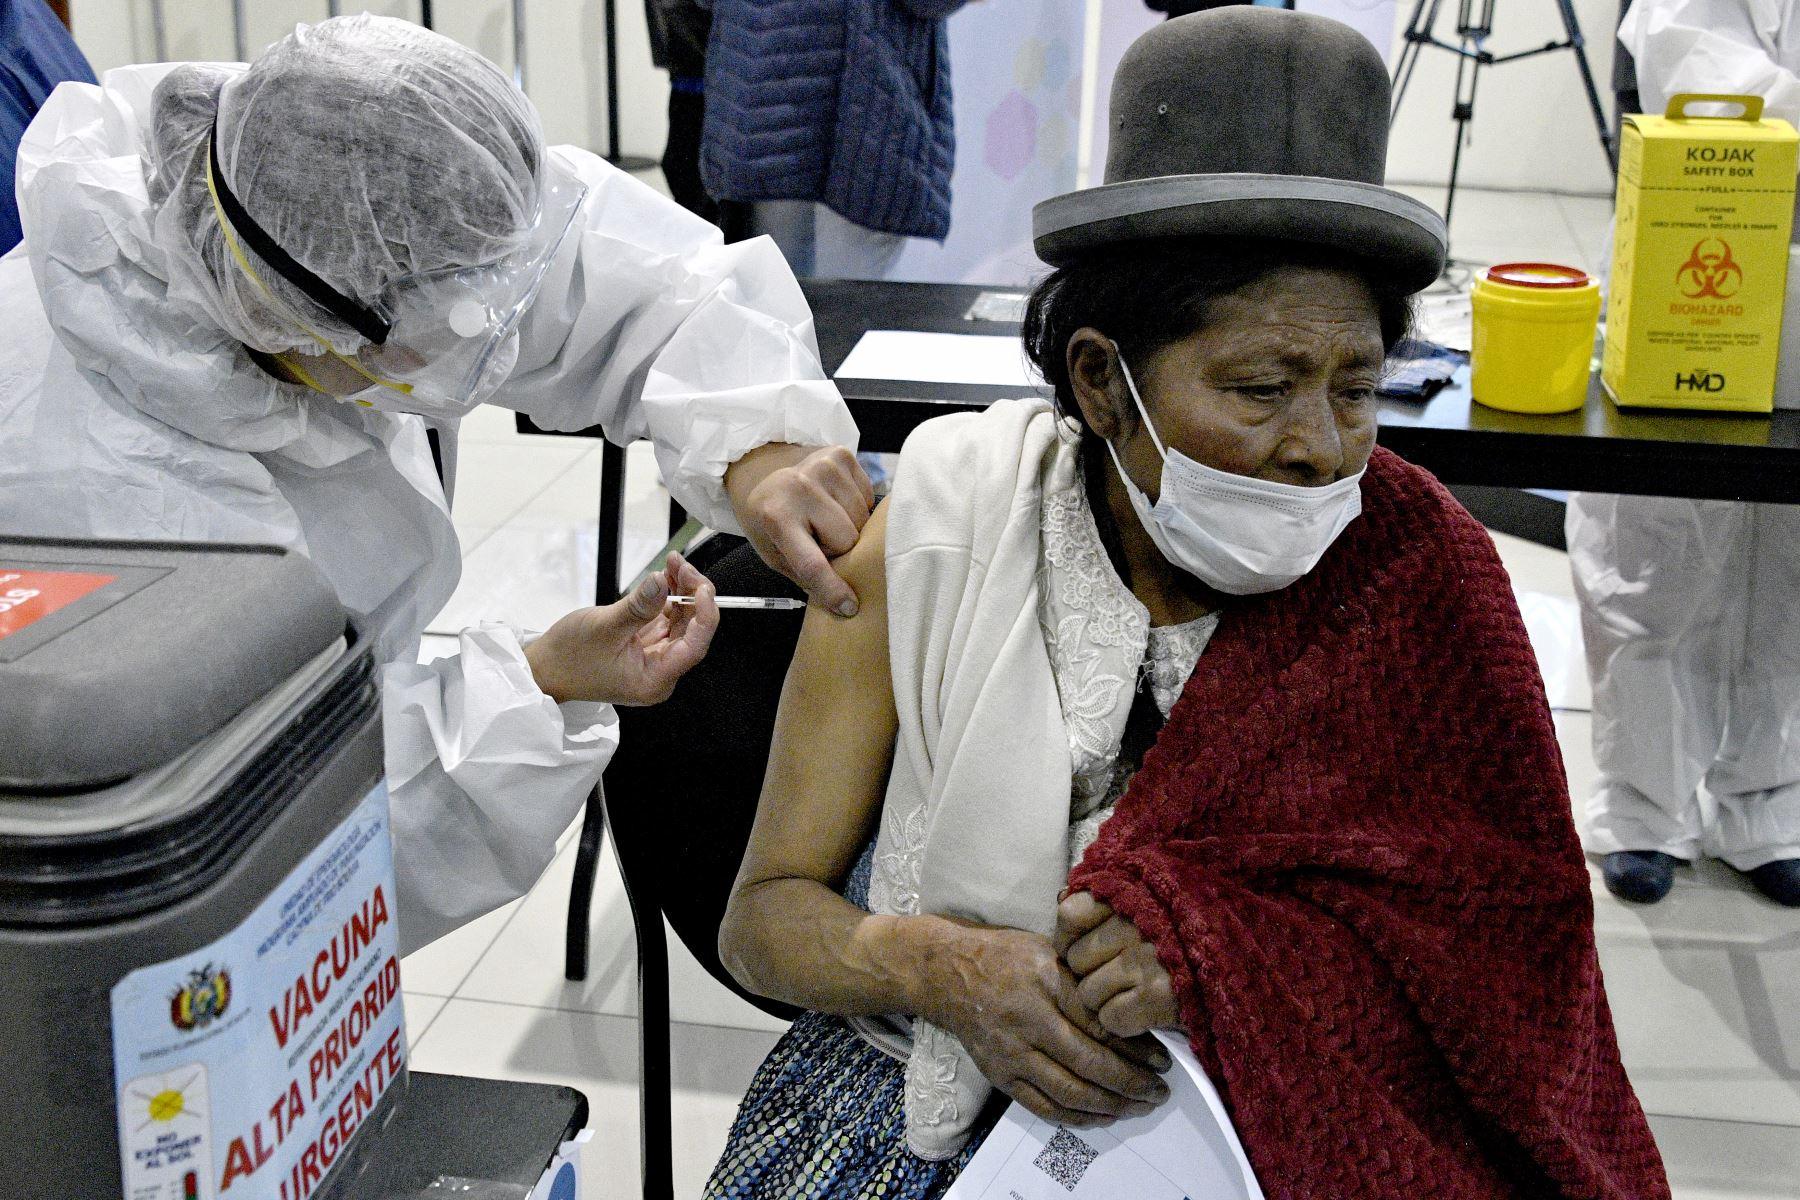 Bolivia, con 11.5 millones de habitantes, acumula más de 273,328 contagiados y más de 12,250 fallecidos. Foto: AFP